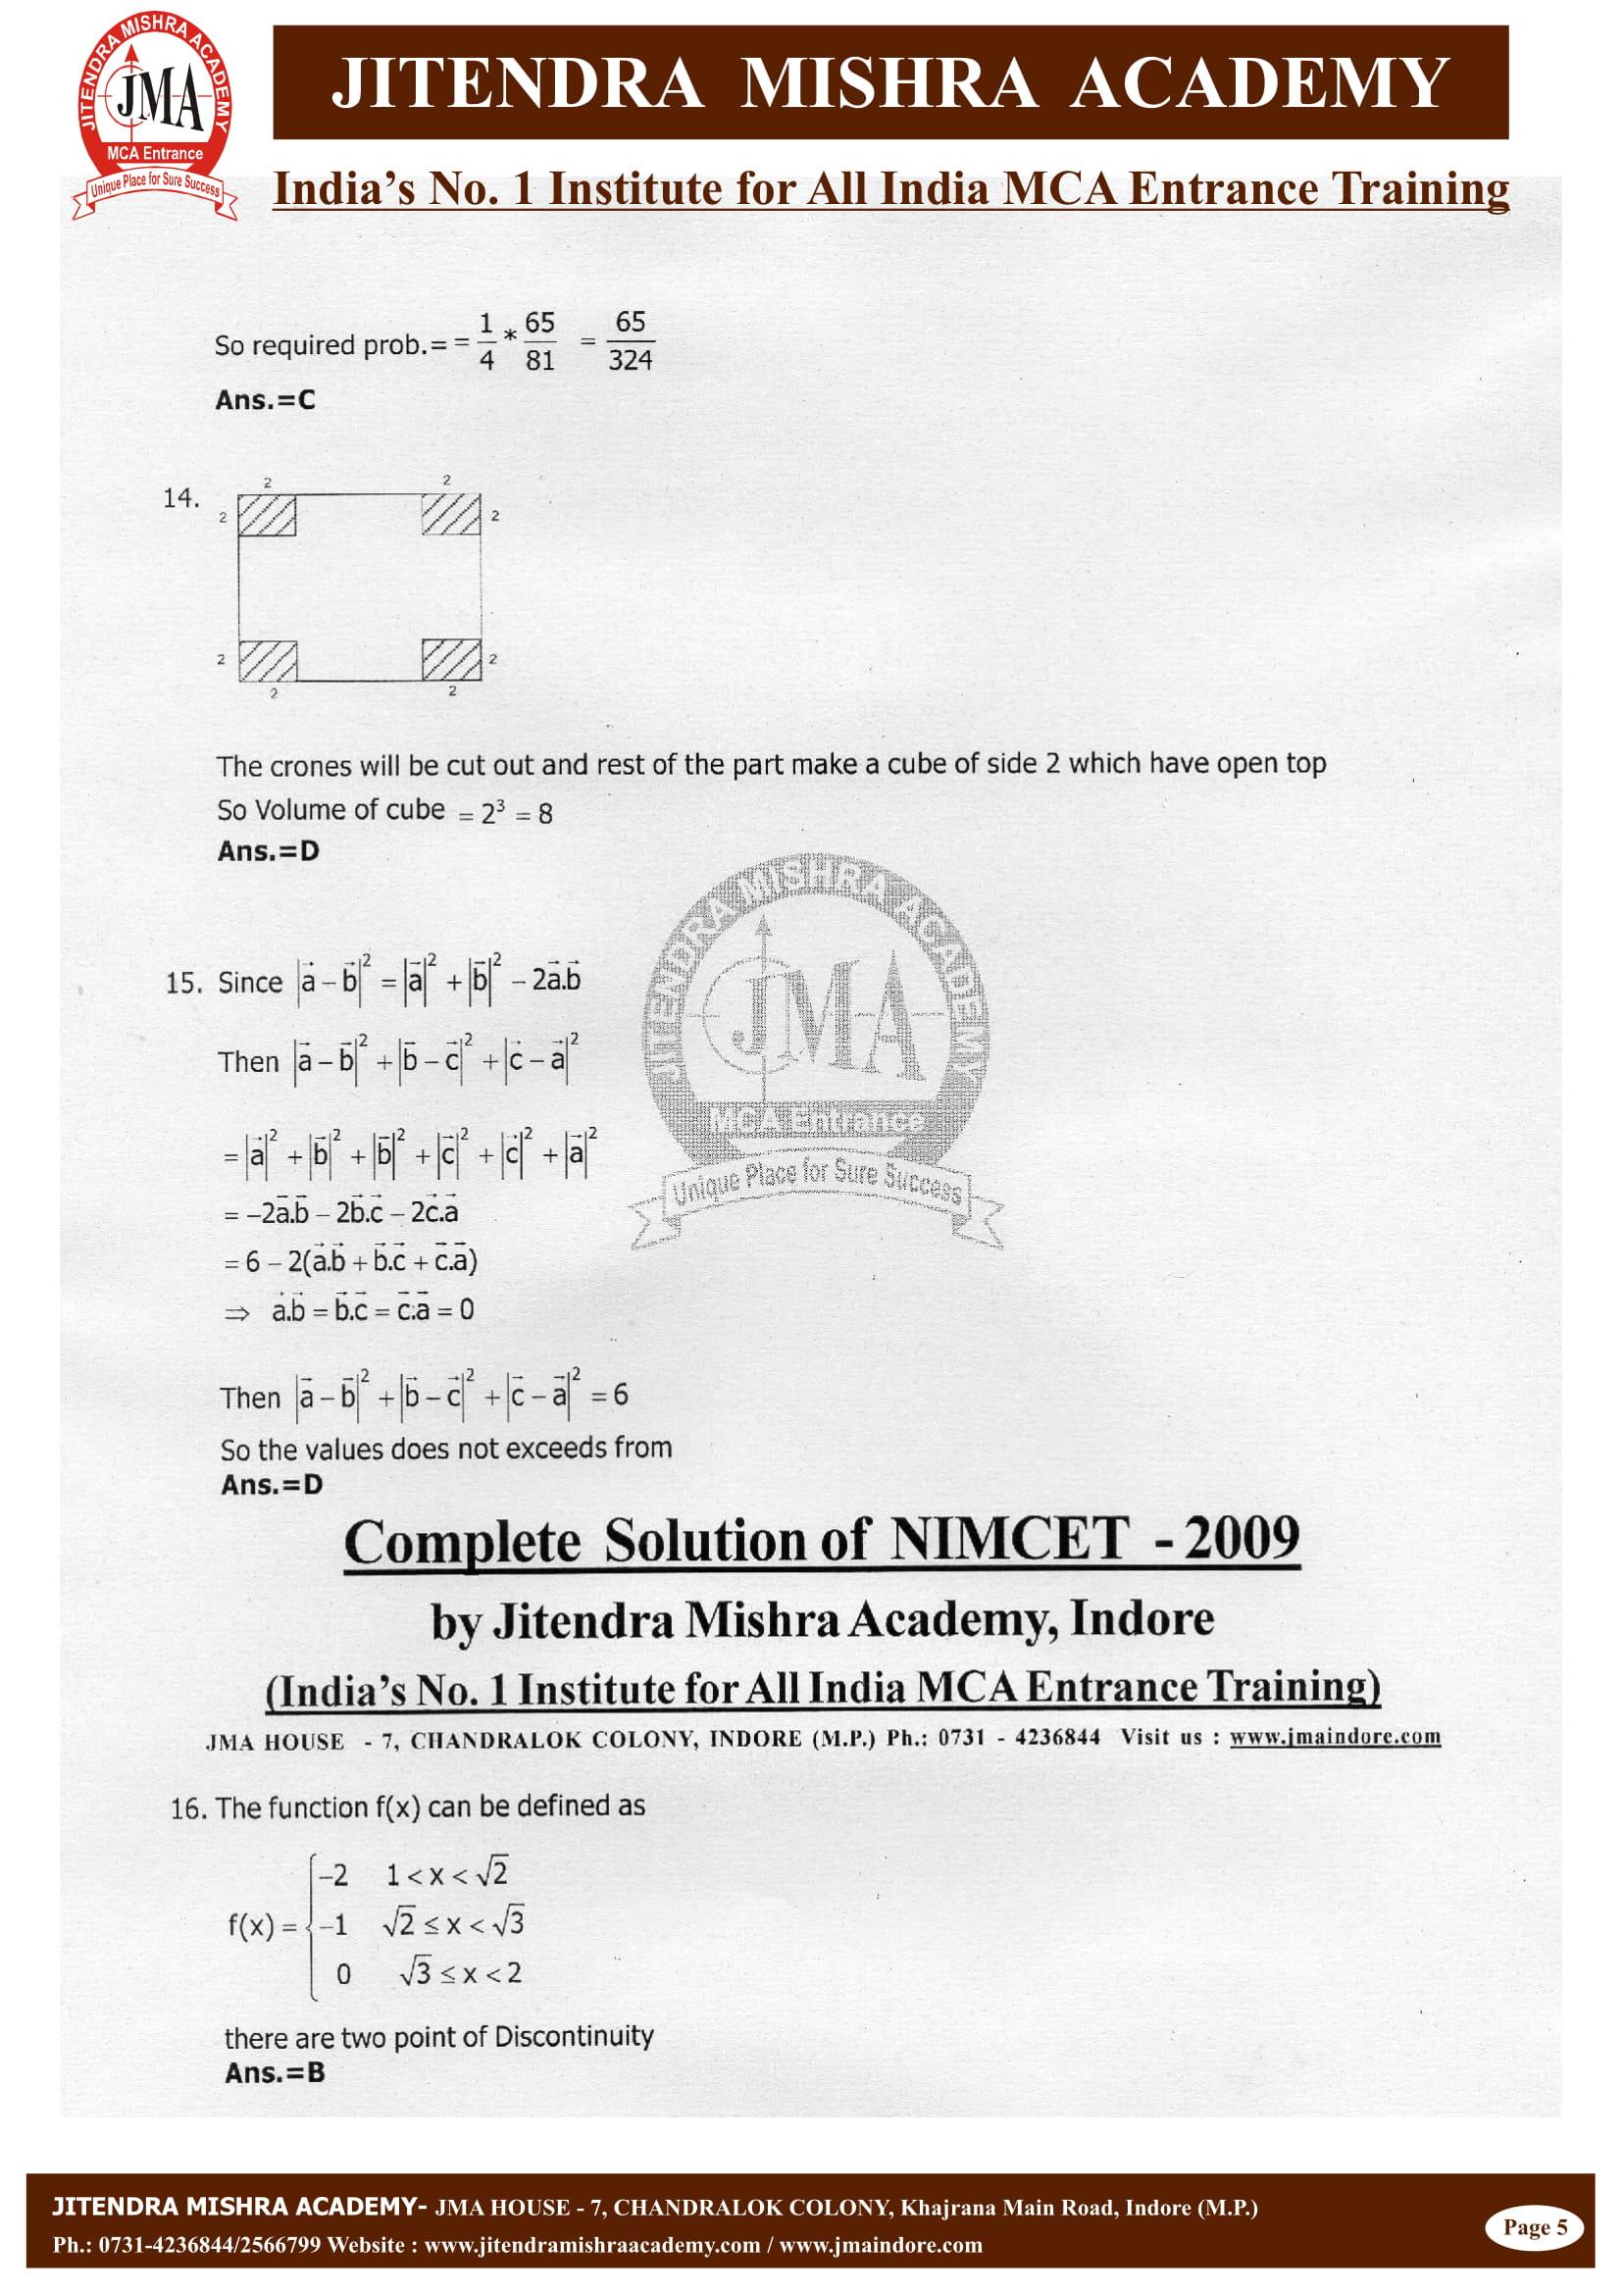 NIMCET - 2009 (SOLUTION)-06